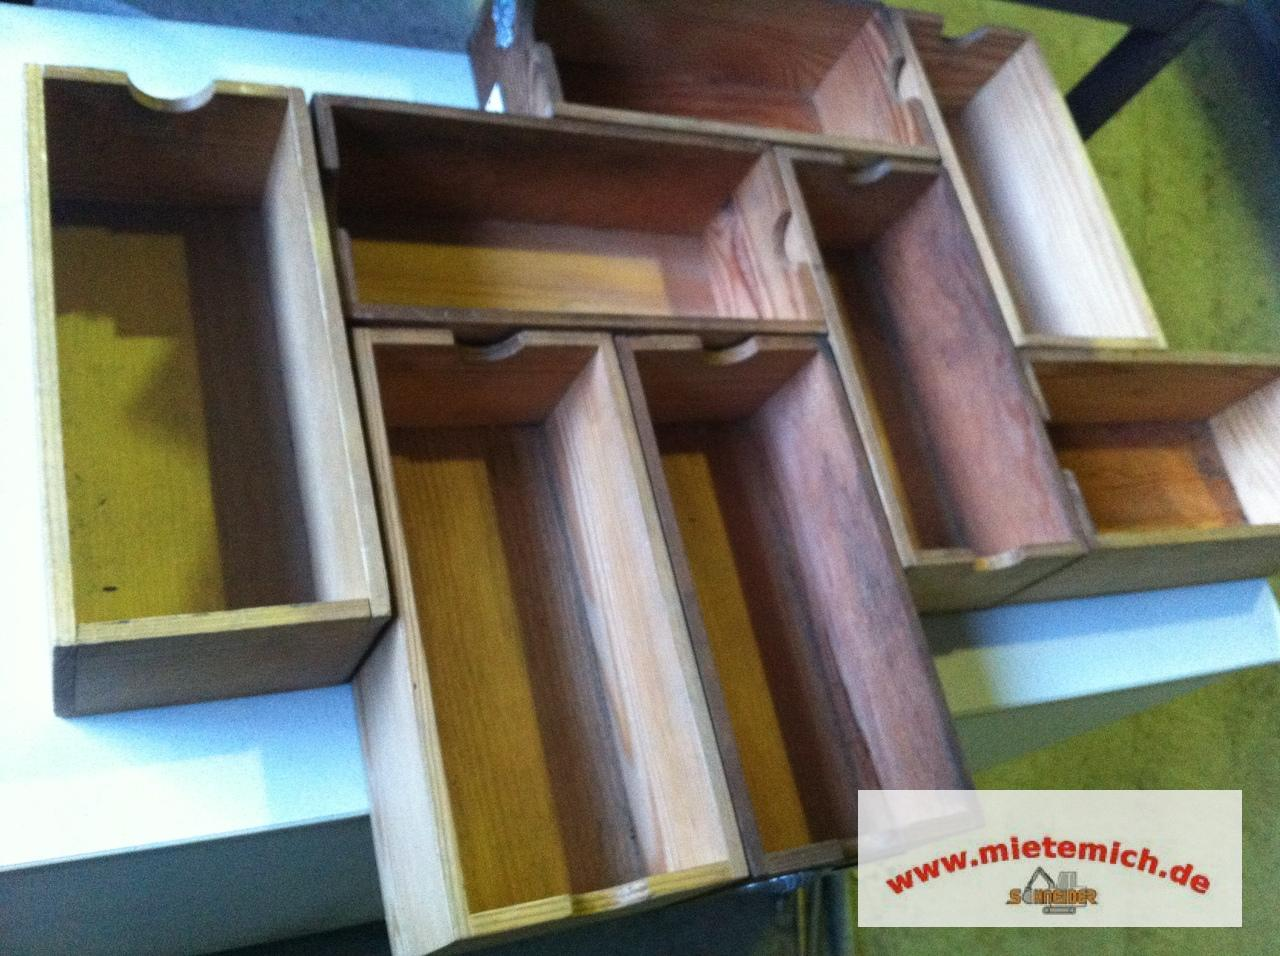 50 alte holz lagerkisten holzbox riesen setzkasten xxxl ebay. Black Bedroom Furniture Sets. Home Design Ideas